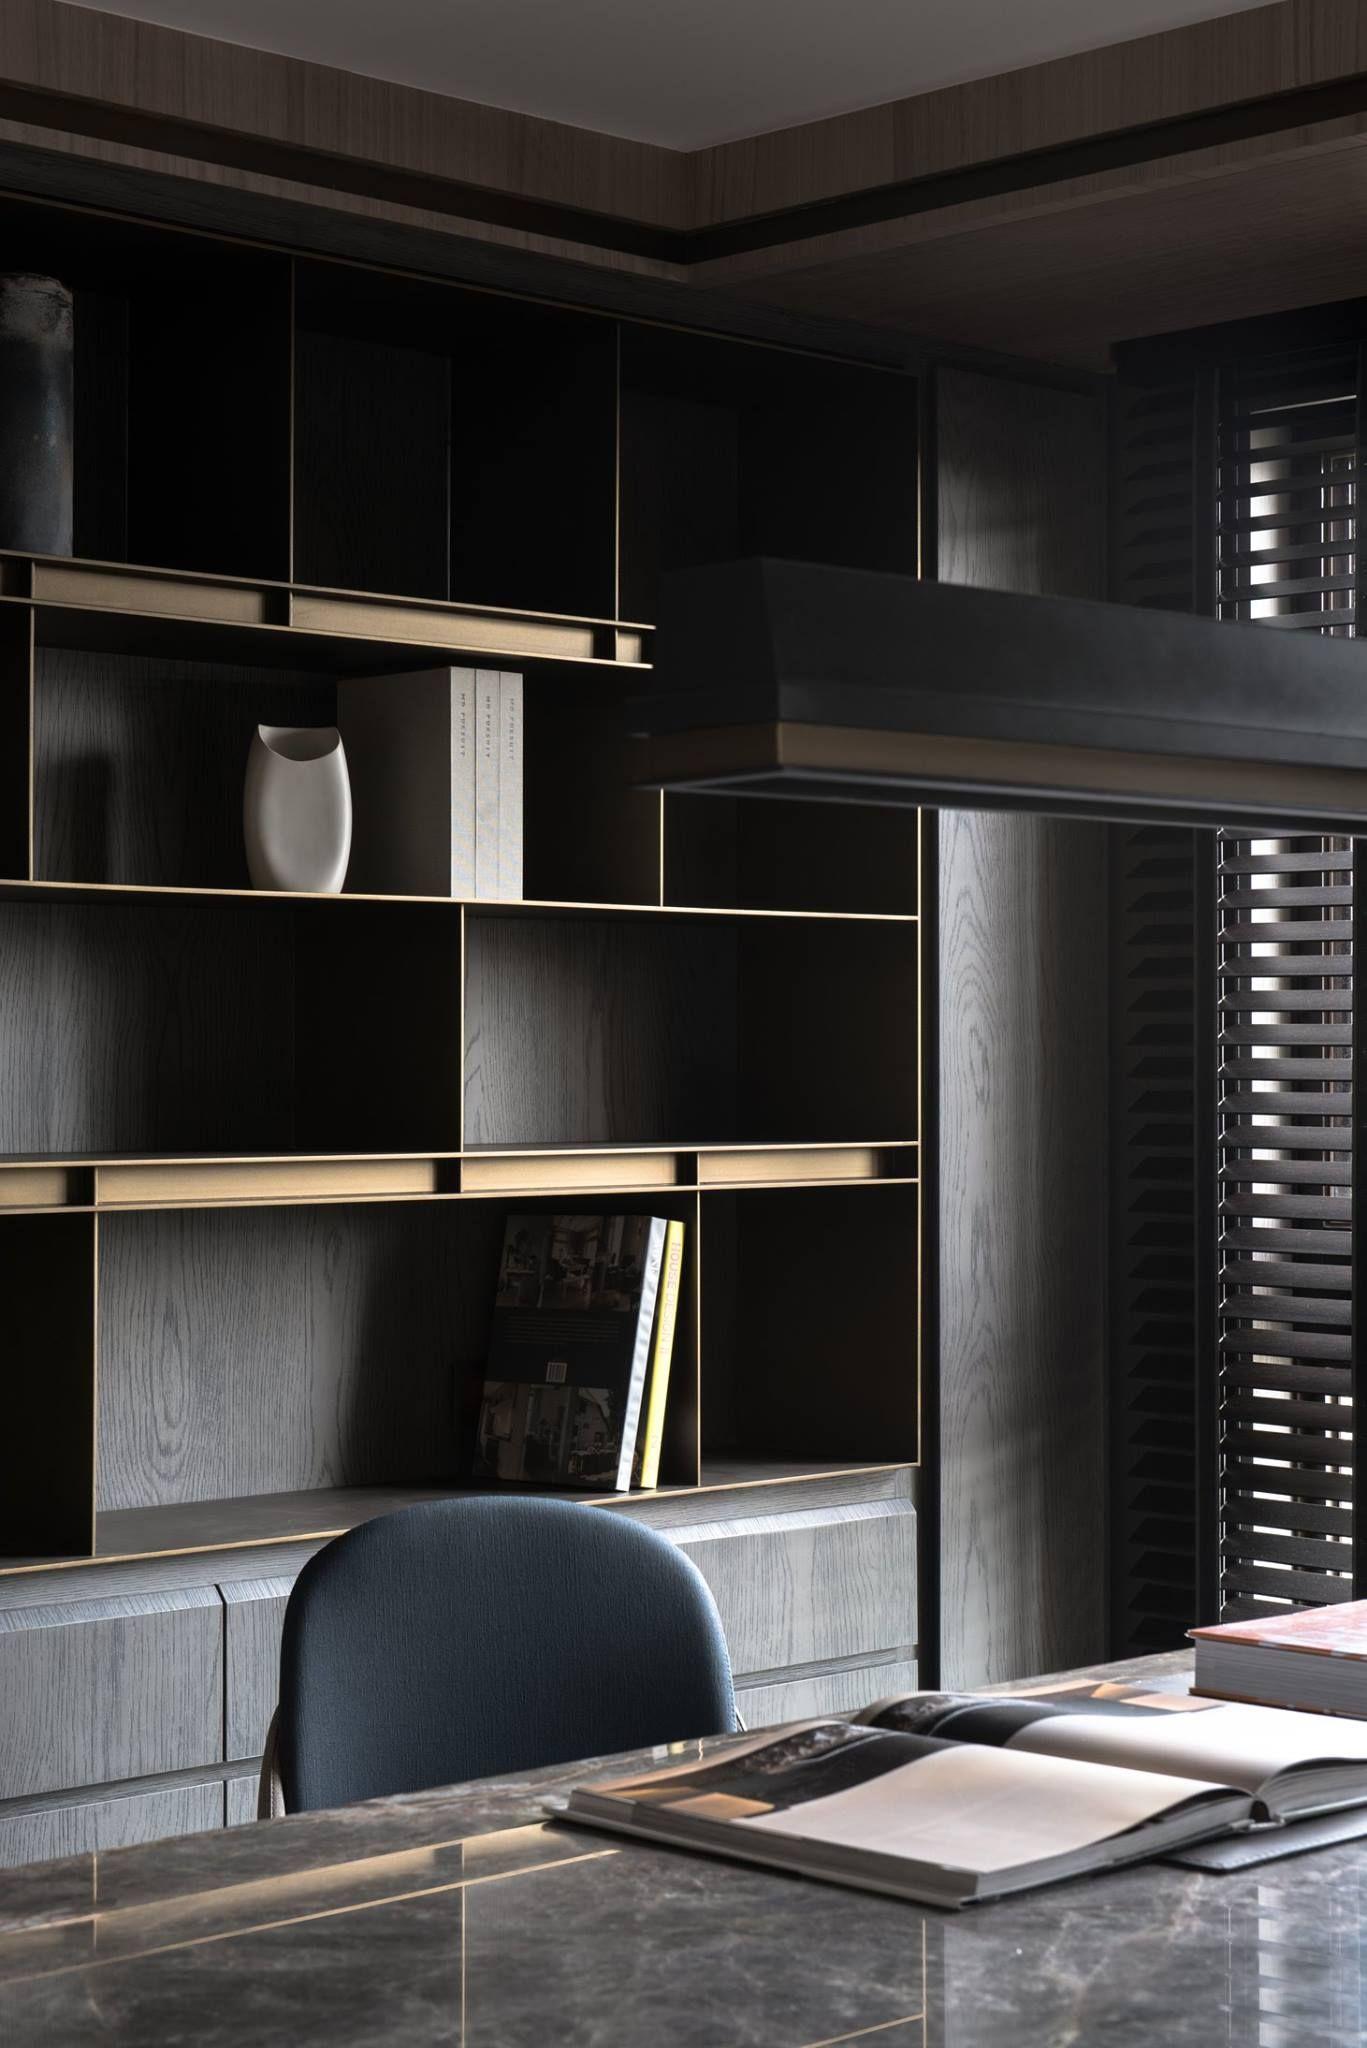 Pingl Par Sur Pinterest Bureau  # Bibliotheque Moderne Design Panneau Coulissant